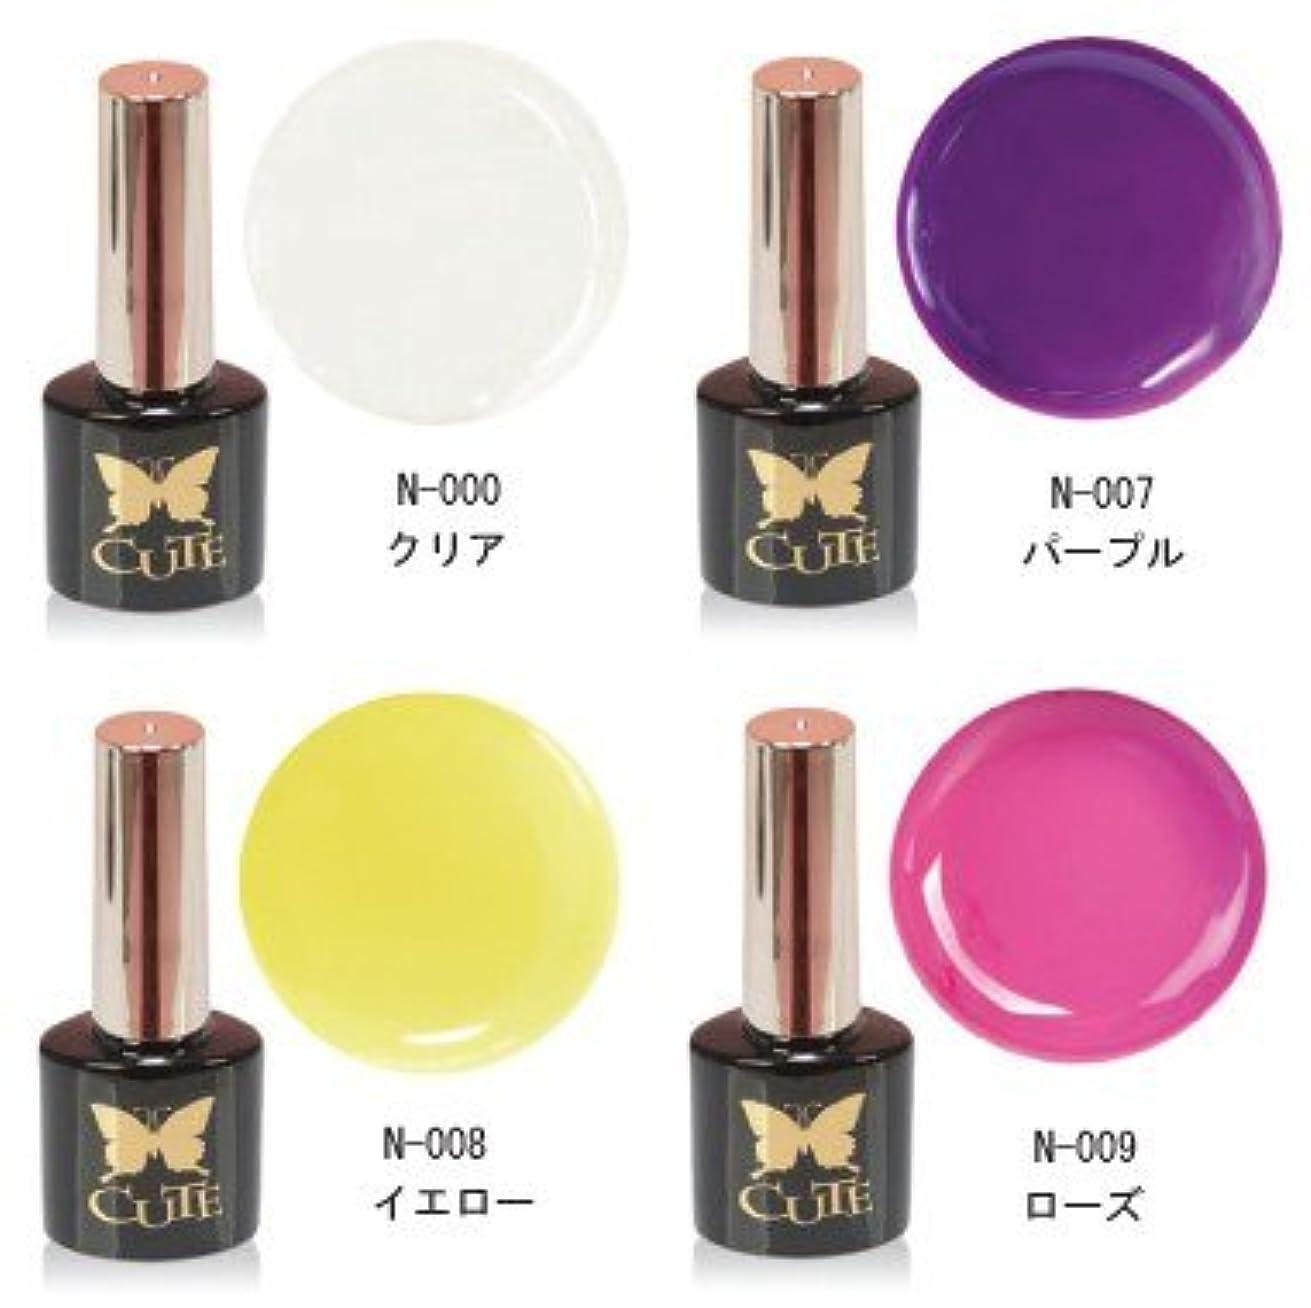 技術的なリッチジャンクションキュートラクジェル4色セットC  鮮やかなパープル、イエロー、ローズの3色とクリアがセットに カラーを混ぜれば中間色も実現 1本ずつ購入するよりもお得にゲット